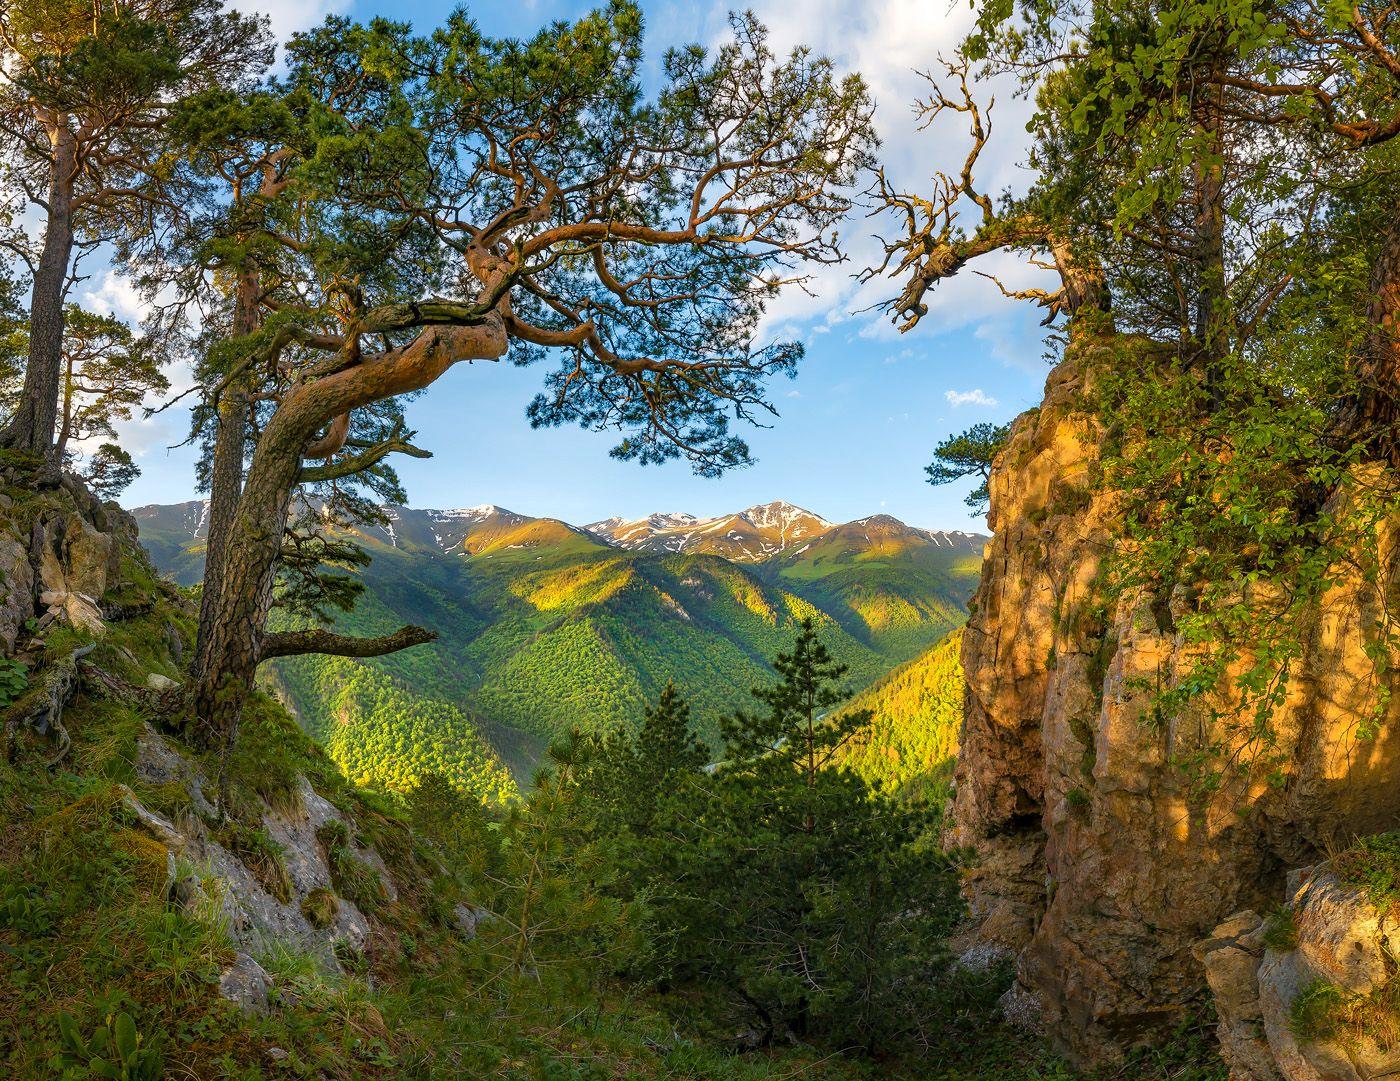 Обрамление Северный Кавказ Горы гора Архыз хребет горное сосна сосны лес деревья лесное дерево ствол путешествие скалы